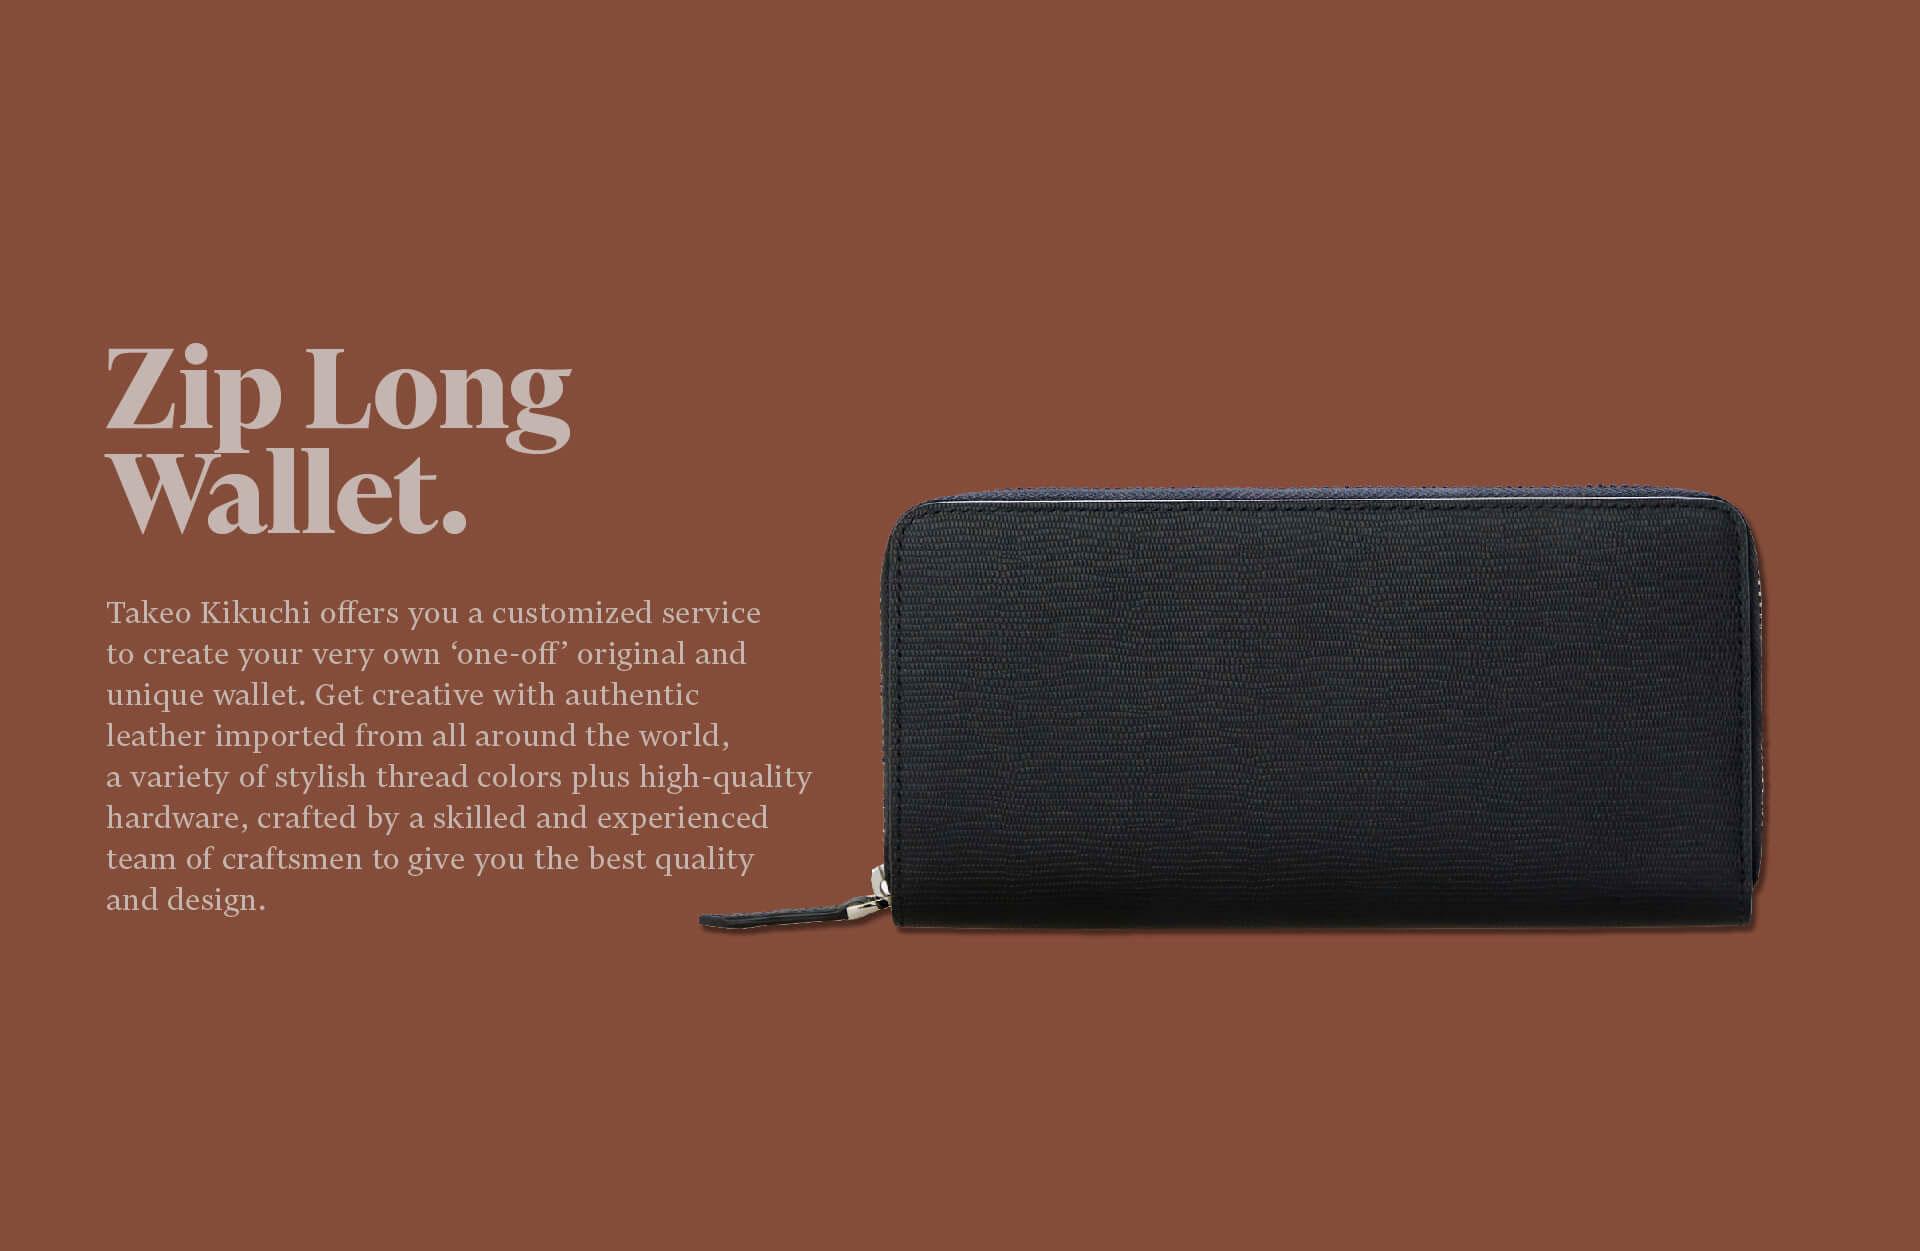 ziplong-wallet